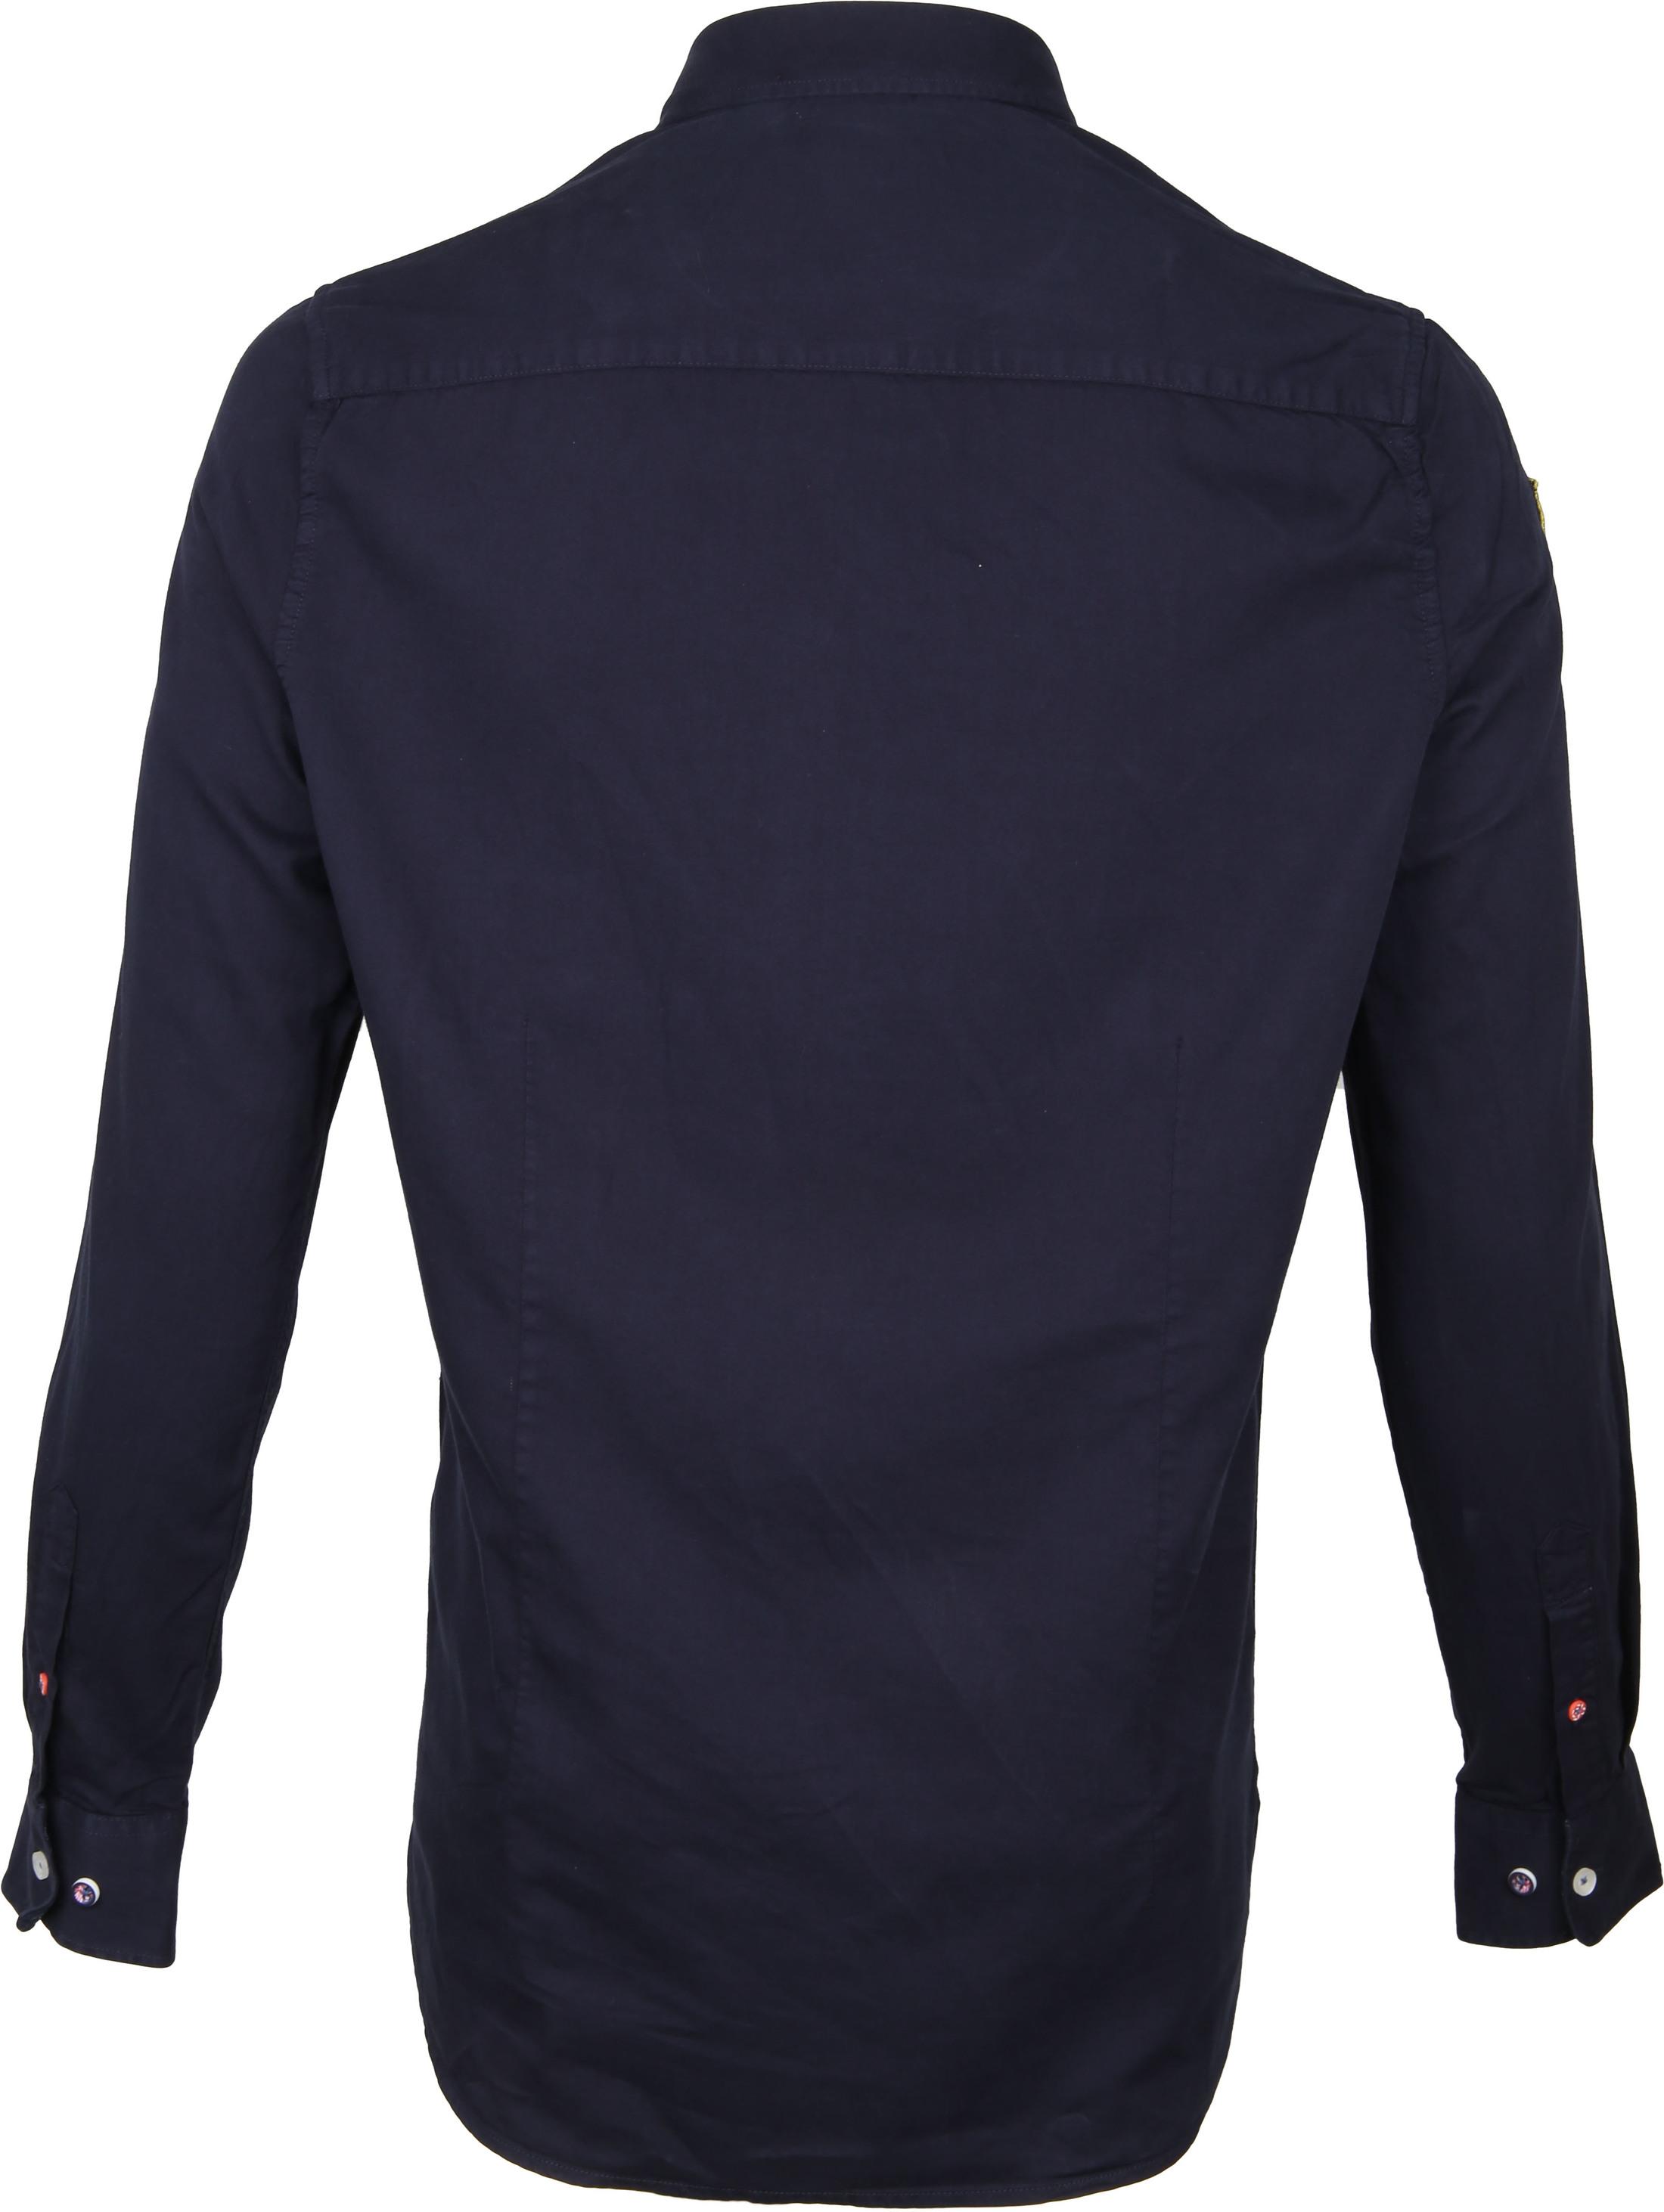 NZA Overhemd Tapuaeroa Navy